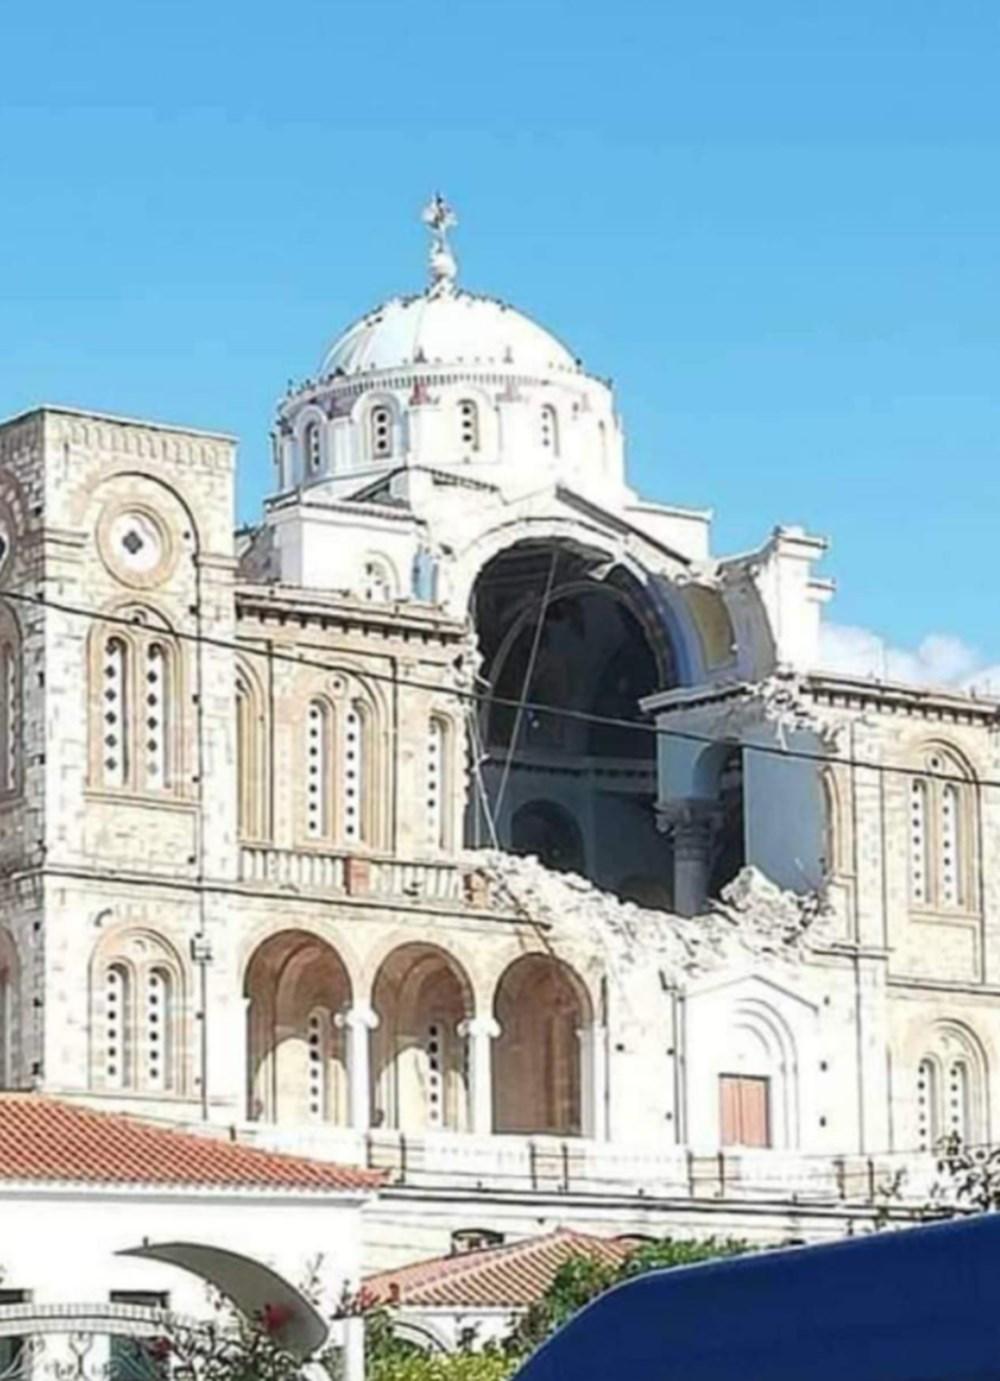 İzmir depremi Yunan adası Sisam'ı da vurdu: 2 çocuk yaşamını yitirdi - 3